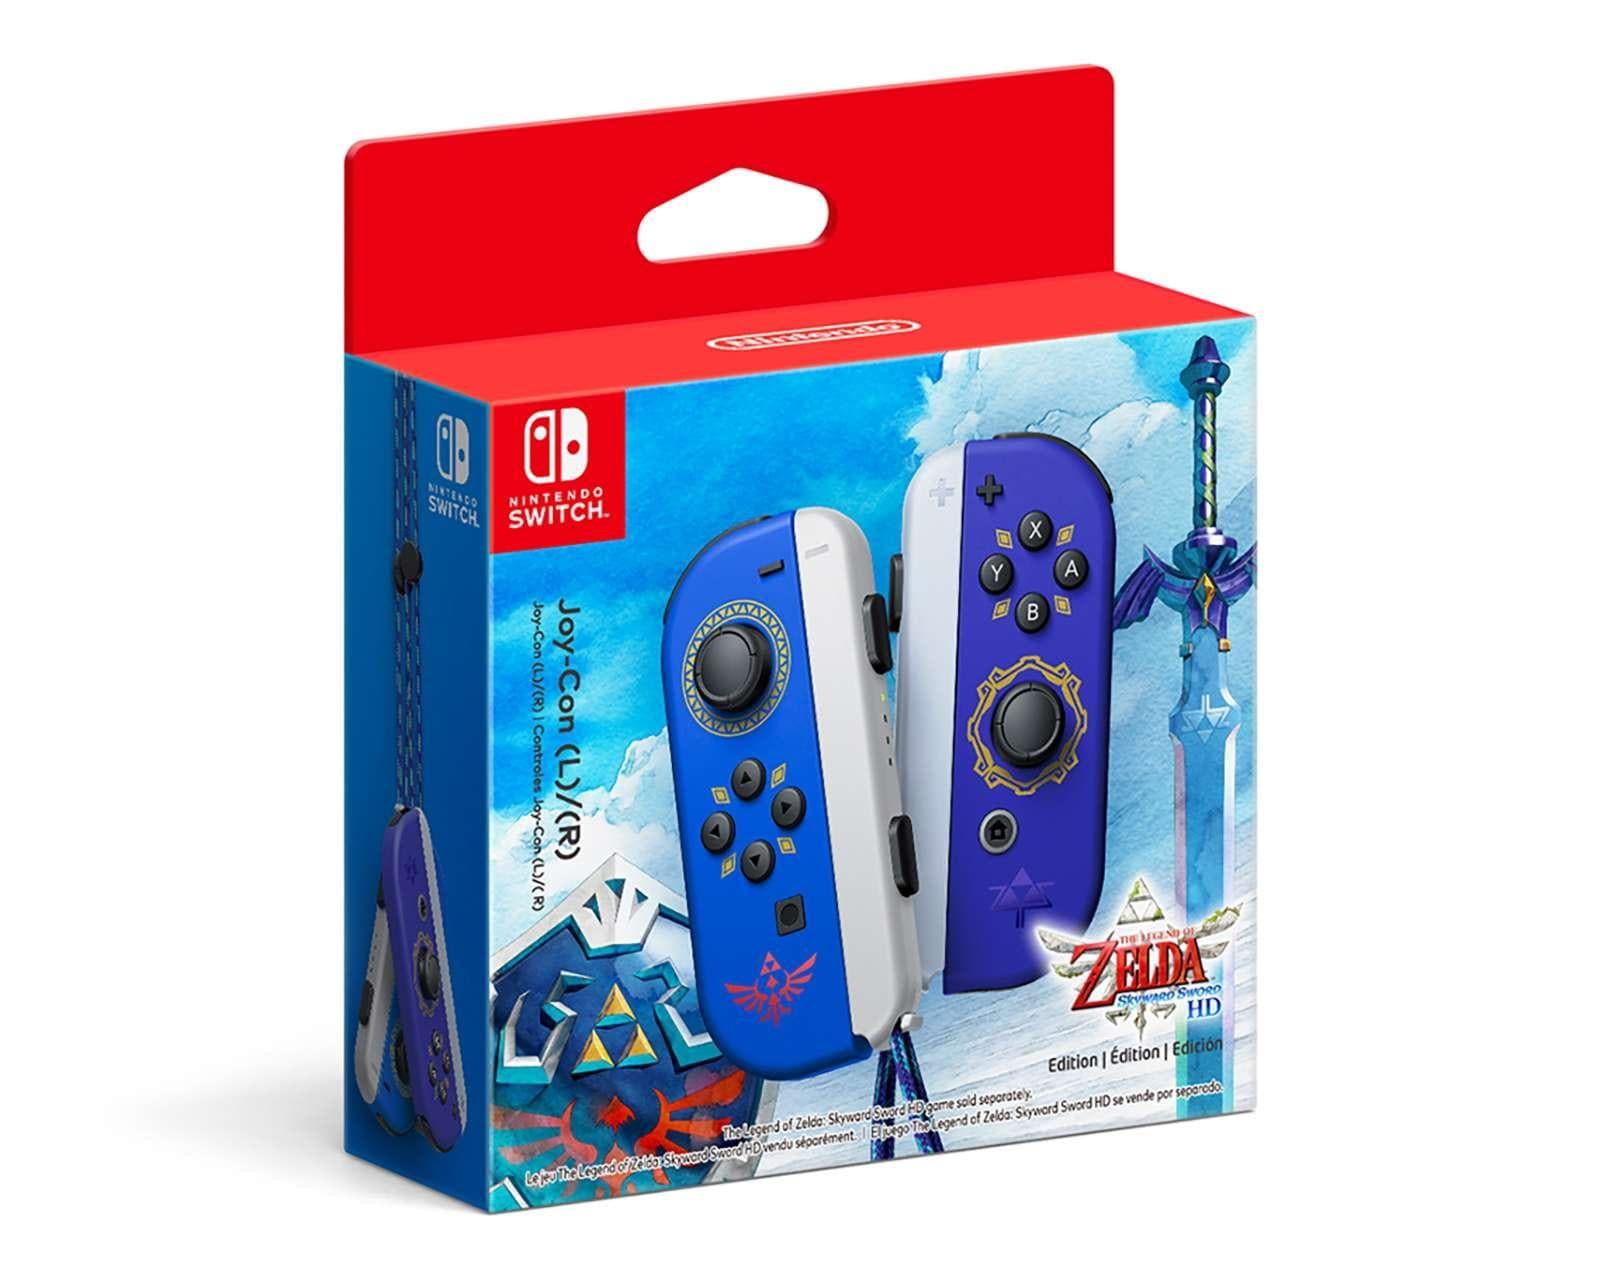 Coppel: Controles Joy-Con Nintendo Switch Edición The Legend of Zelda: Skyward Sword HD